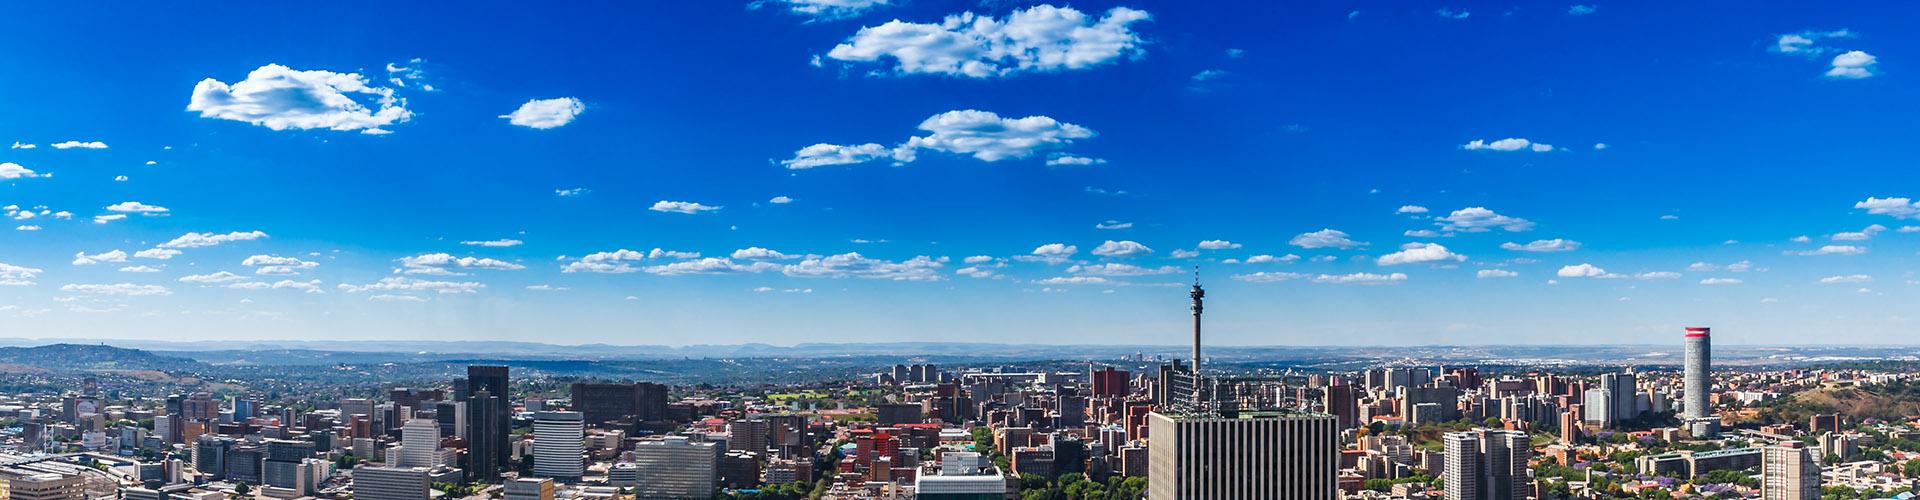 Johannesburg Gauteng Province South Africa